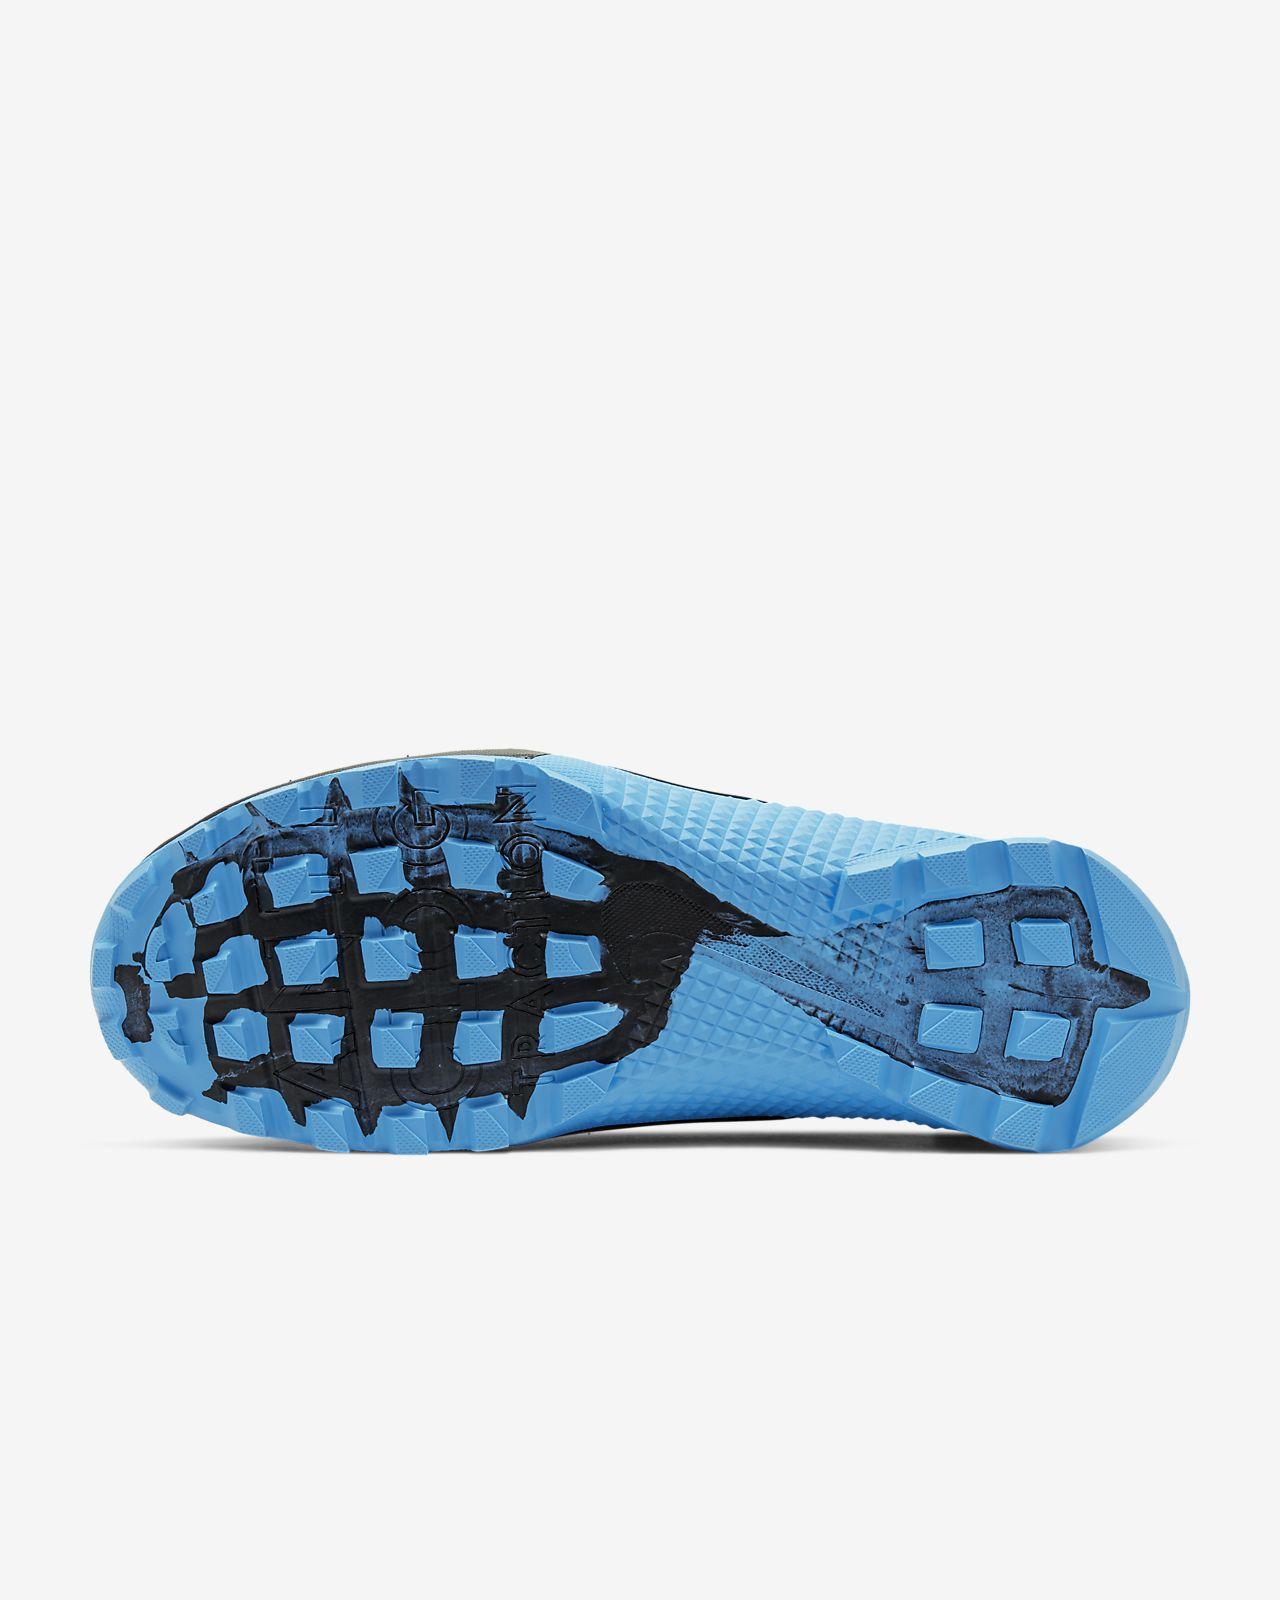 Träningssko Nike MetconSF för män